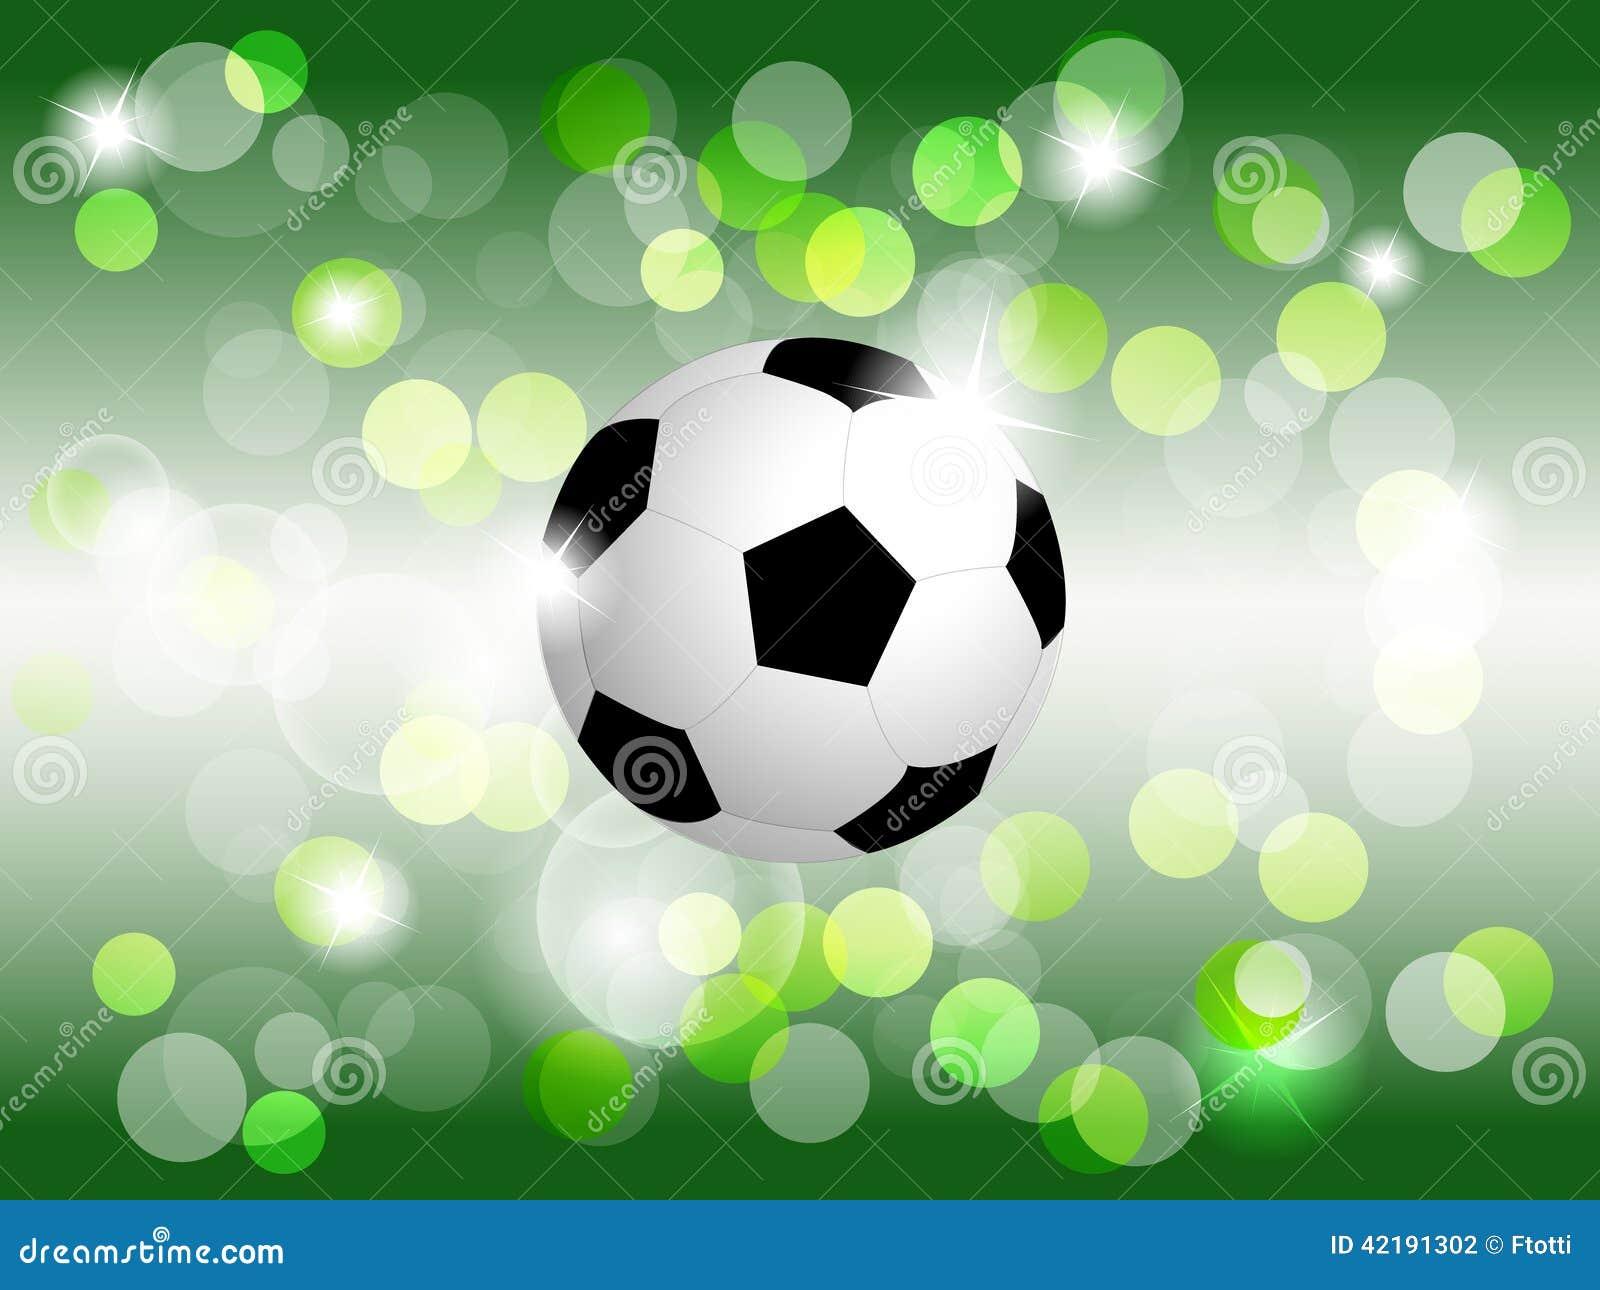 Fondos De Pantalla Fútbol Pelota Silueta Deporte: Soccer Ball Background Stock Vector. Image Of Ball, Event